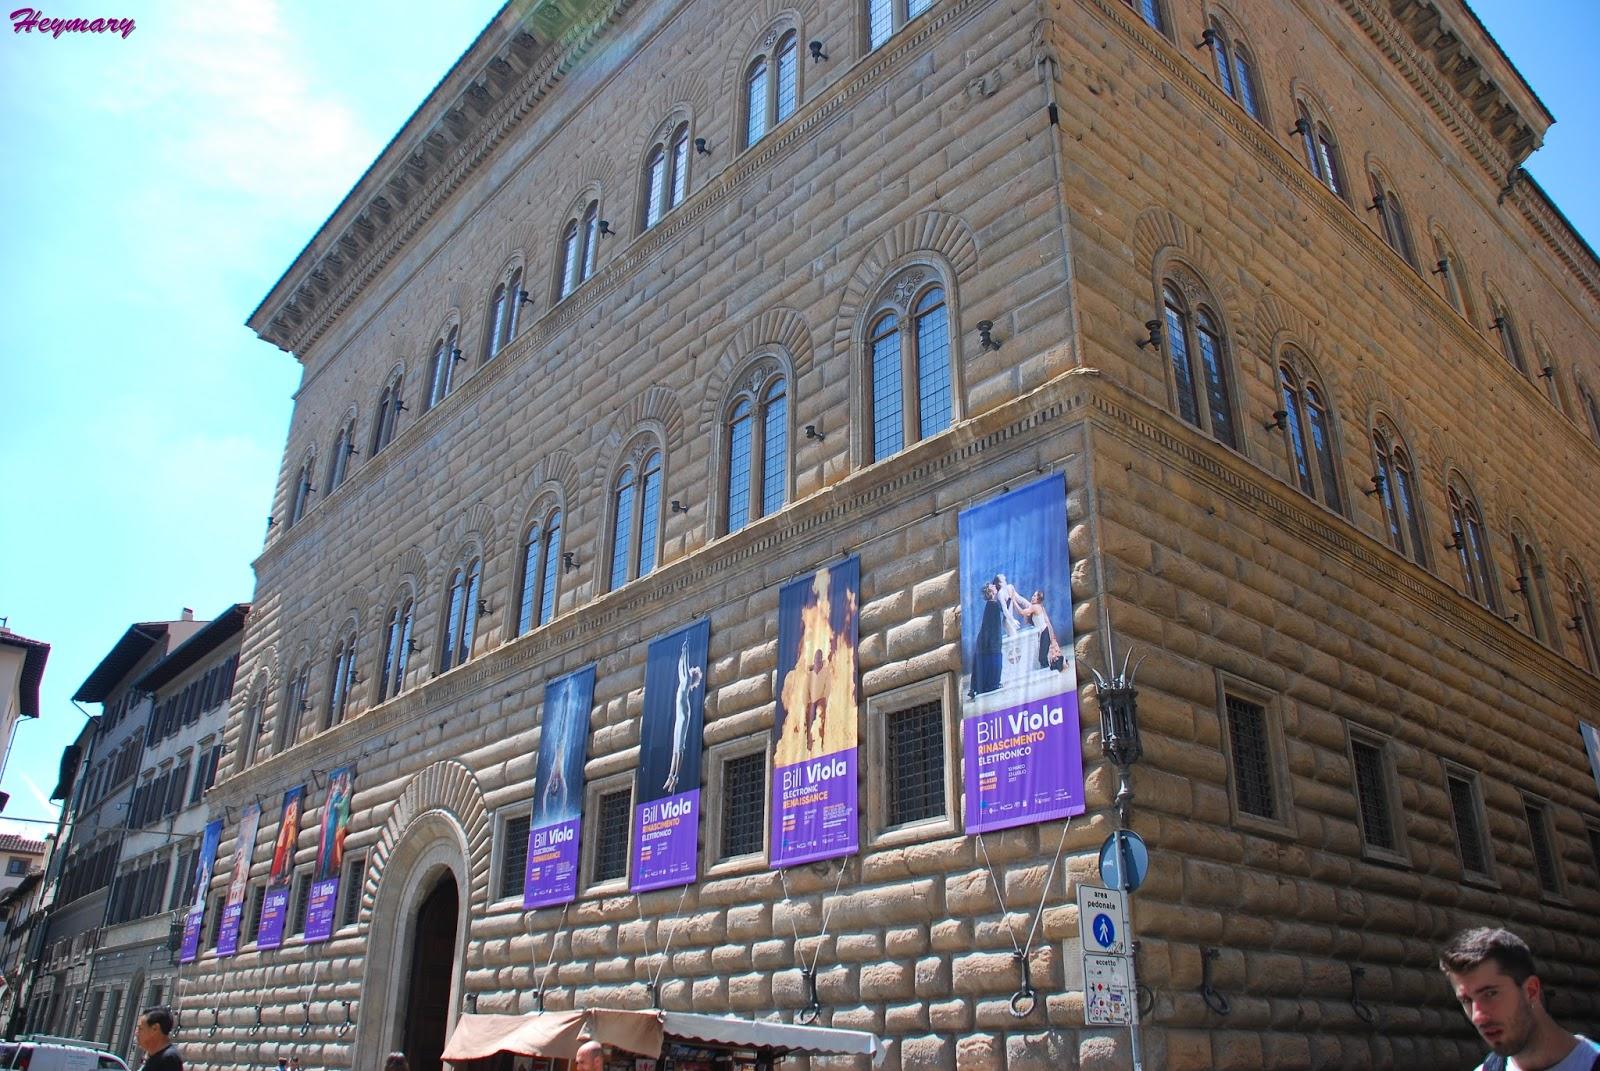 法瑞義十日遊|義大利-羅馬|托斯卡尼-比薩|聖若望洗禮堂/比薩主教堂/比薩斜塔